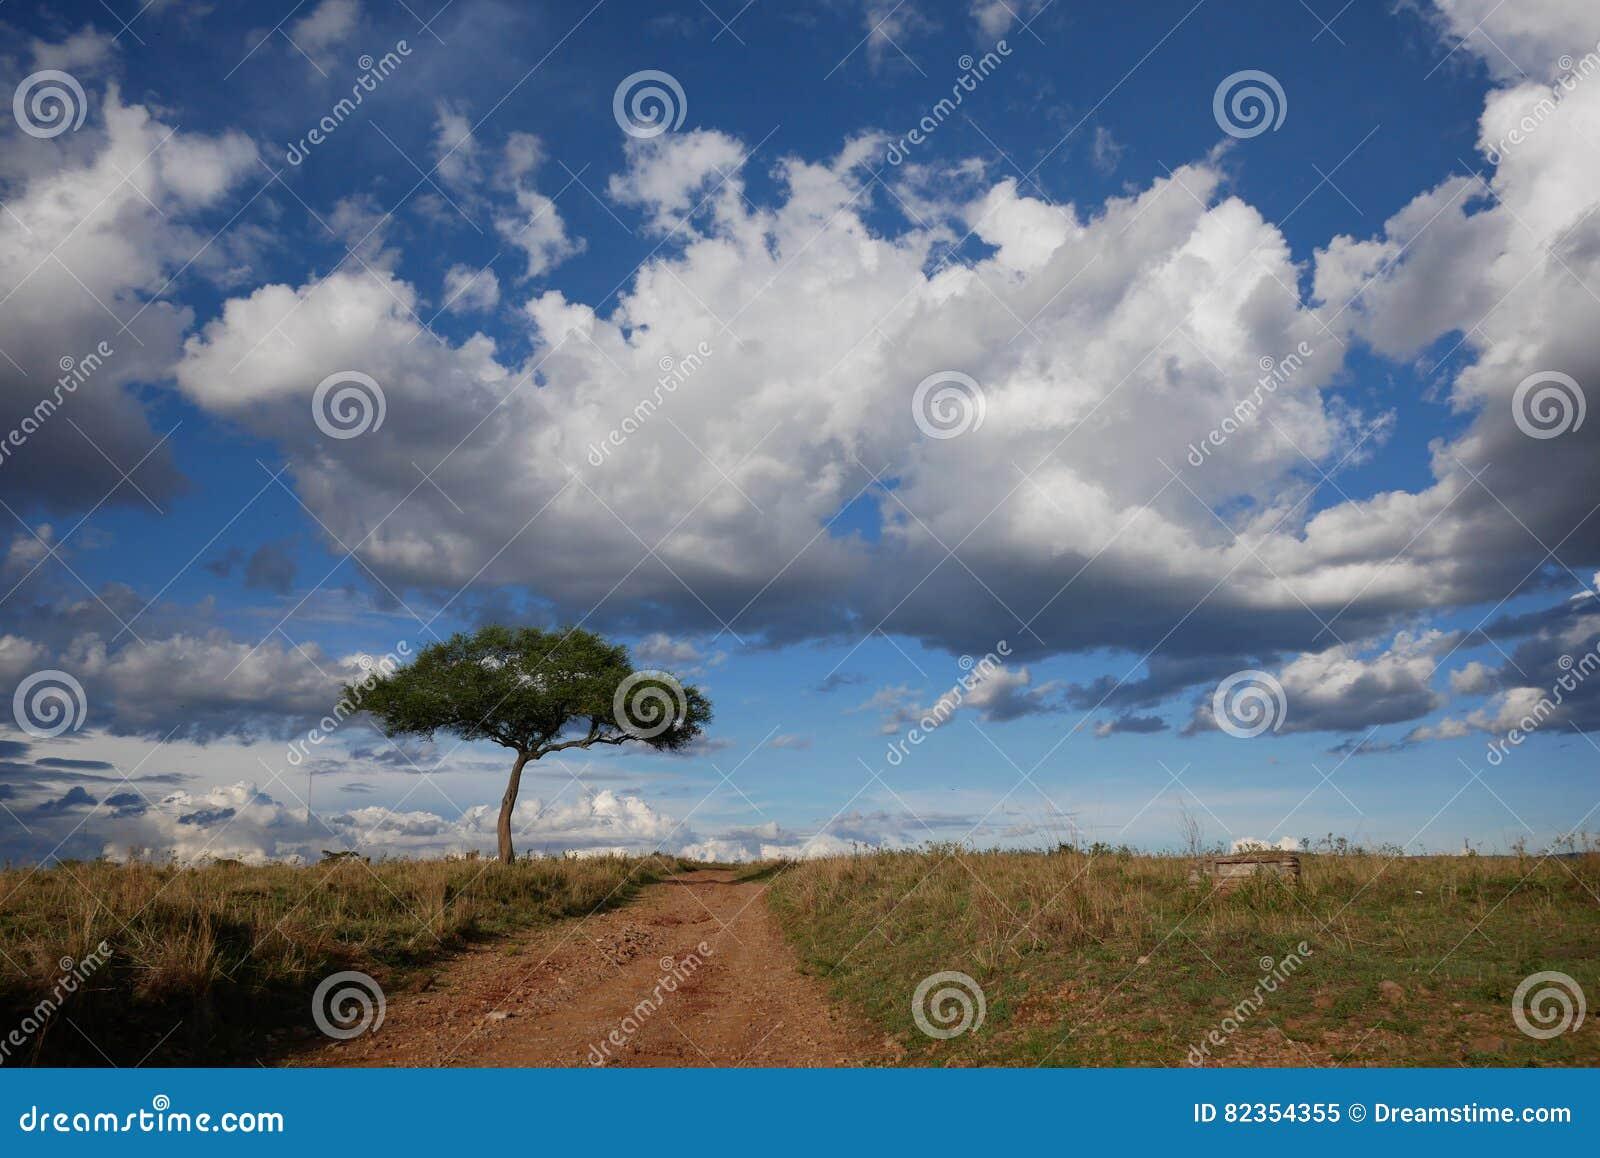 Árvore solitária e céus nebulosos 2